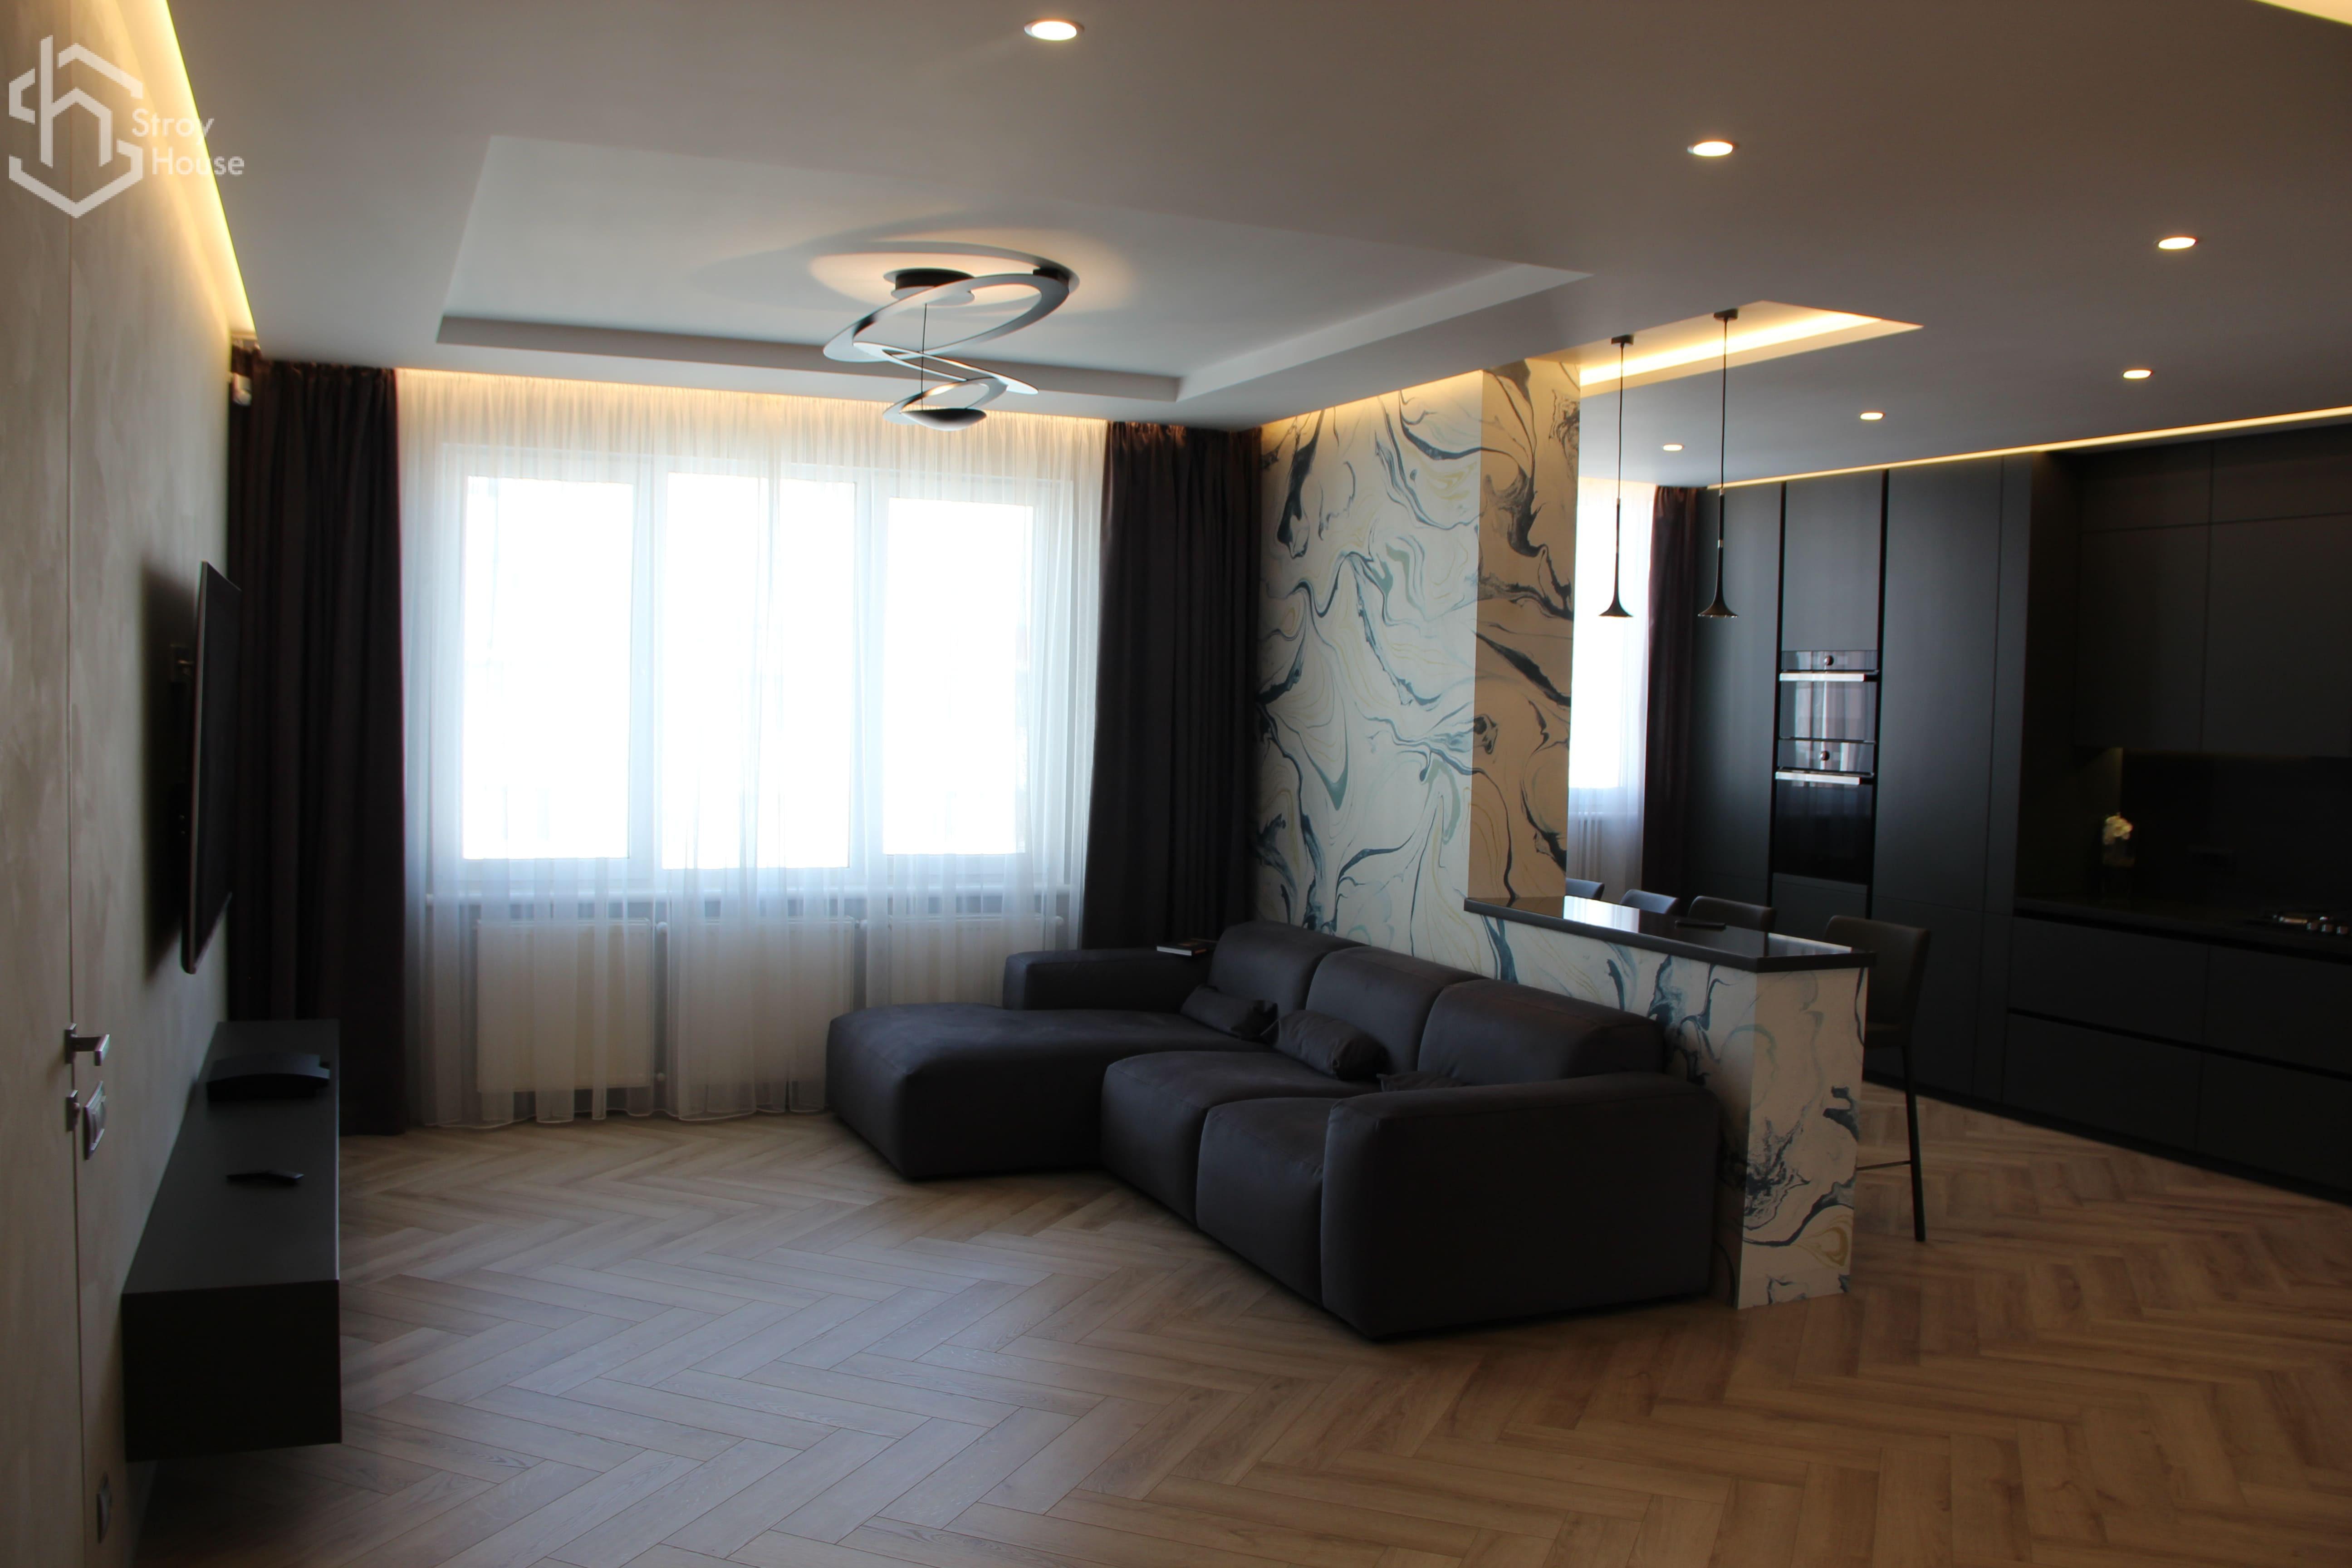 Дизайн квартиры под ключ от компании с высокой репутацией в Одессе: stroyhouse.od.ua